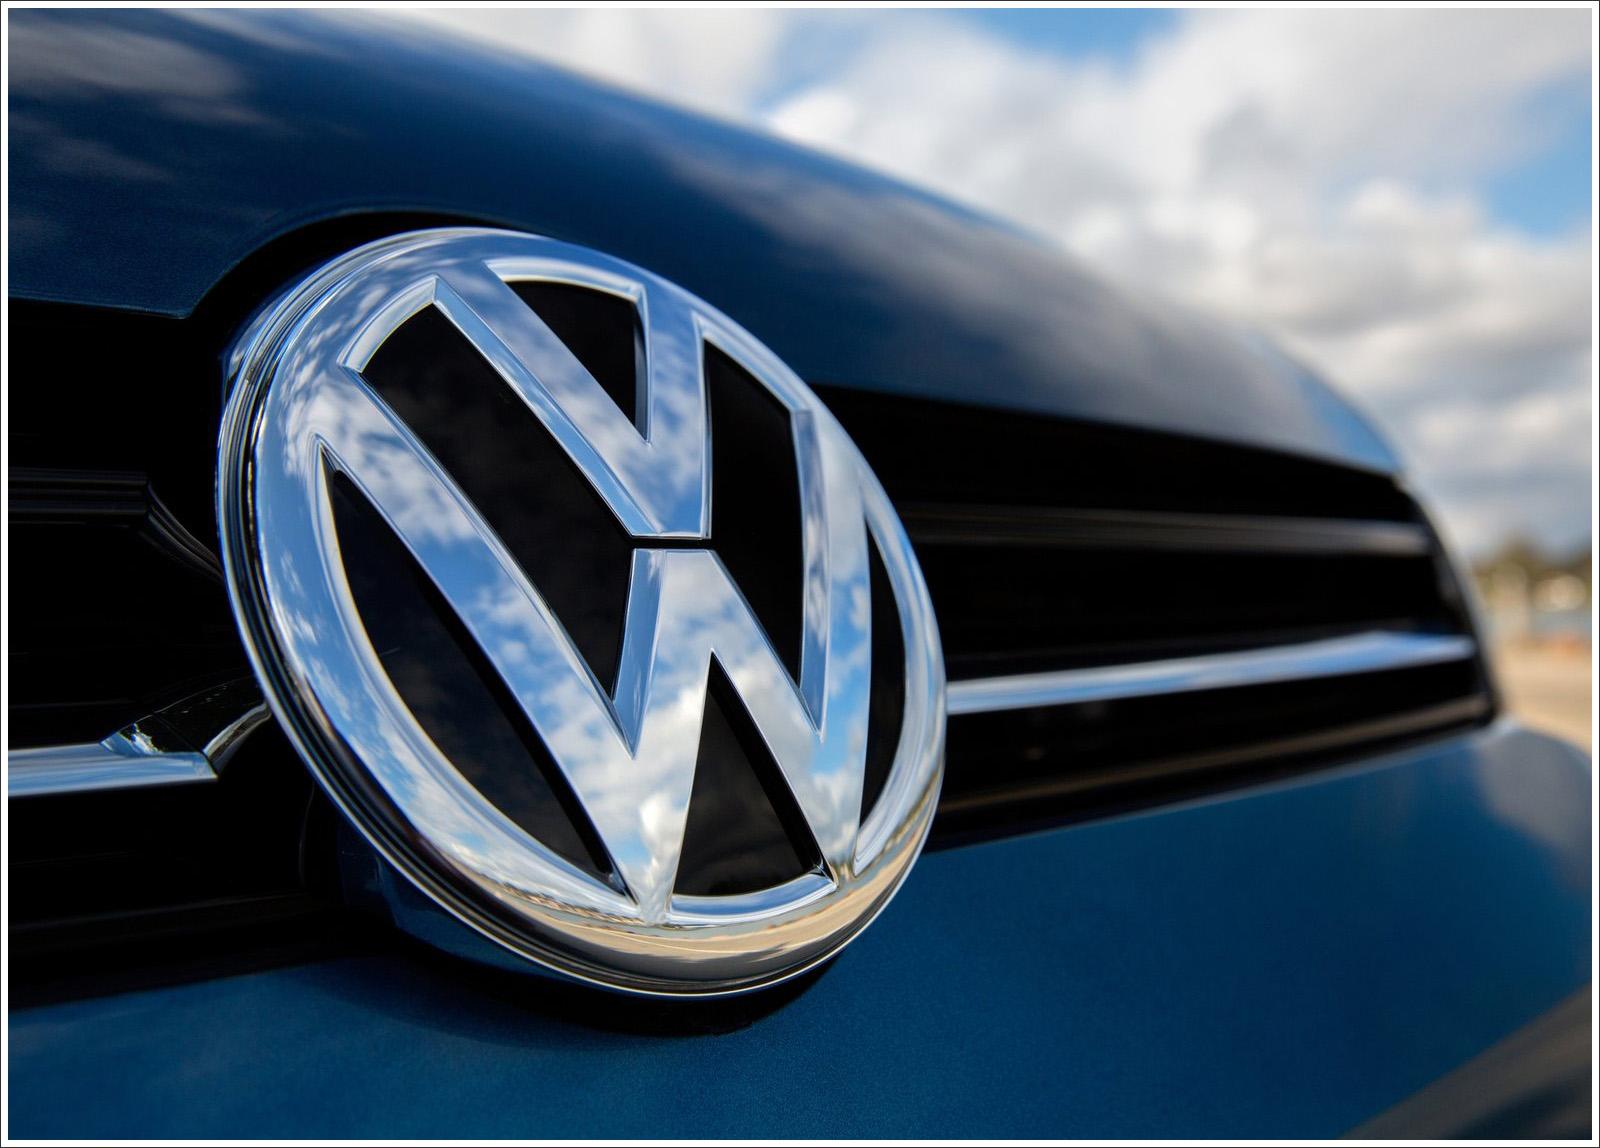 Pad profita Volkswagena u trećem kvartalu